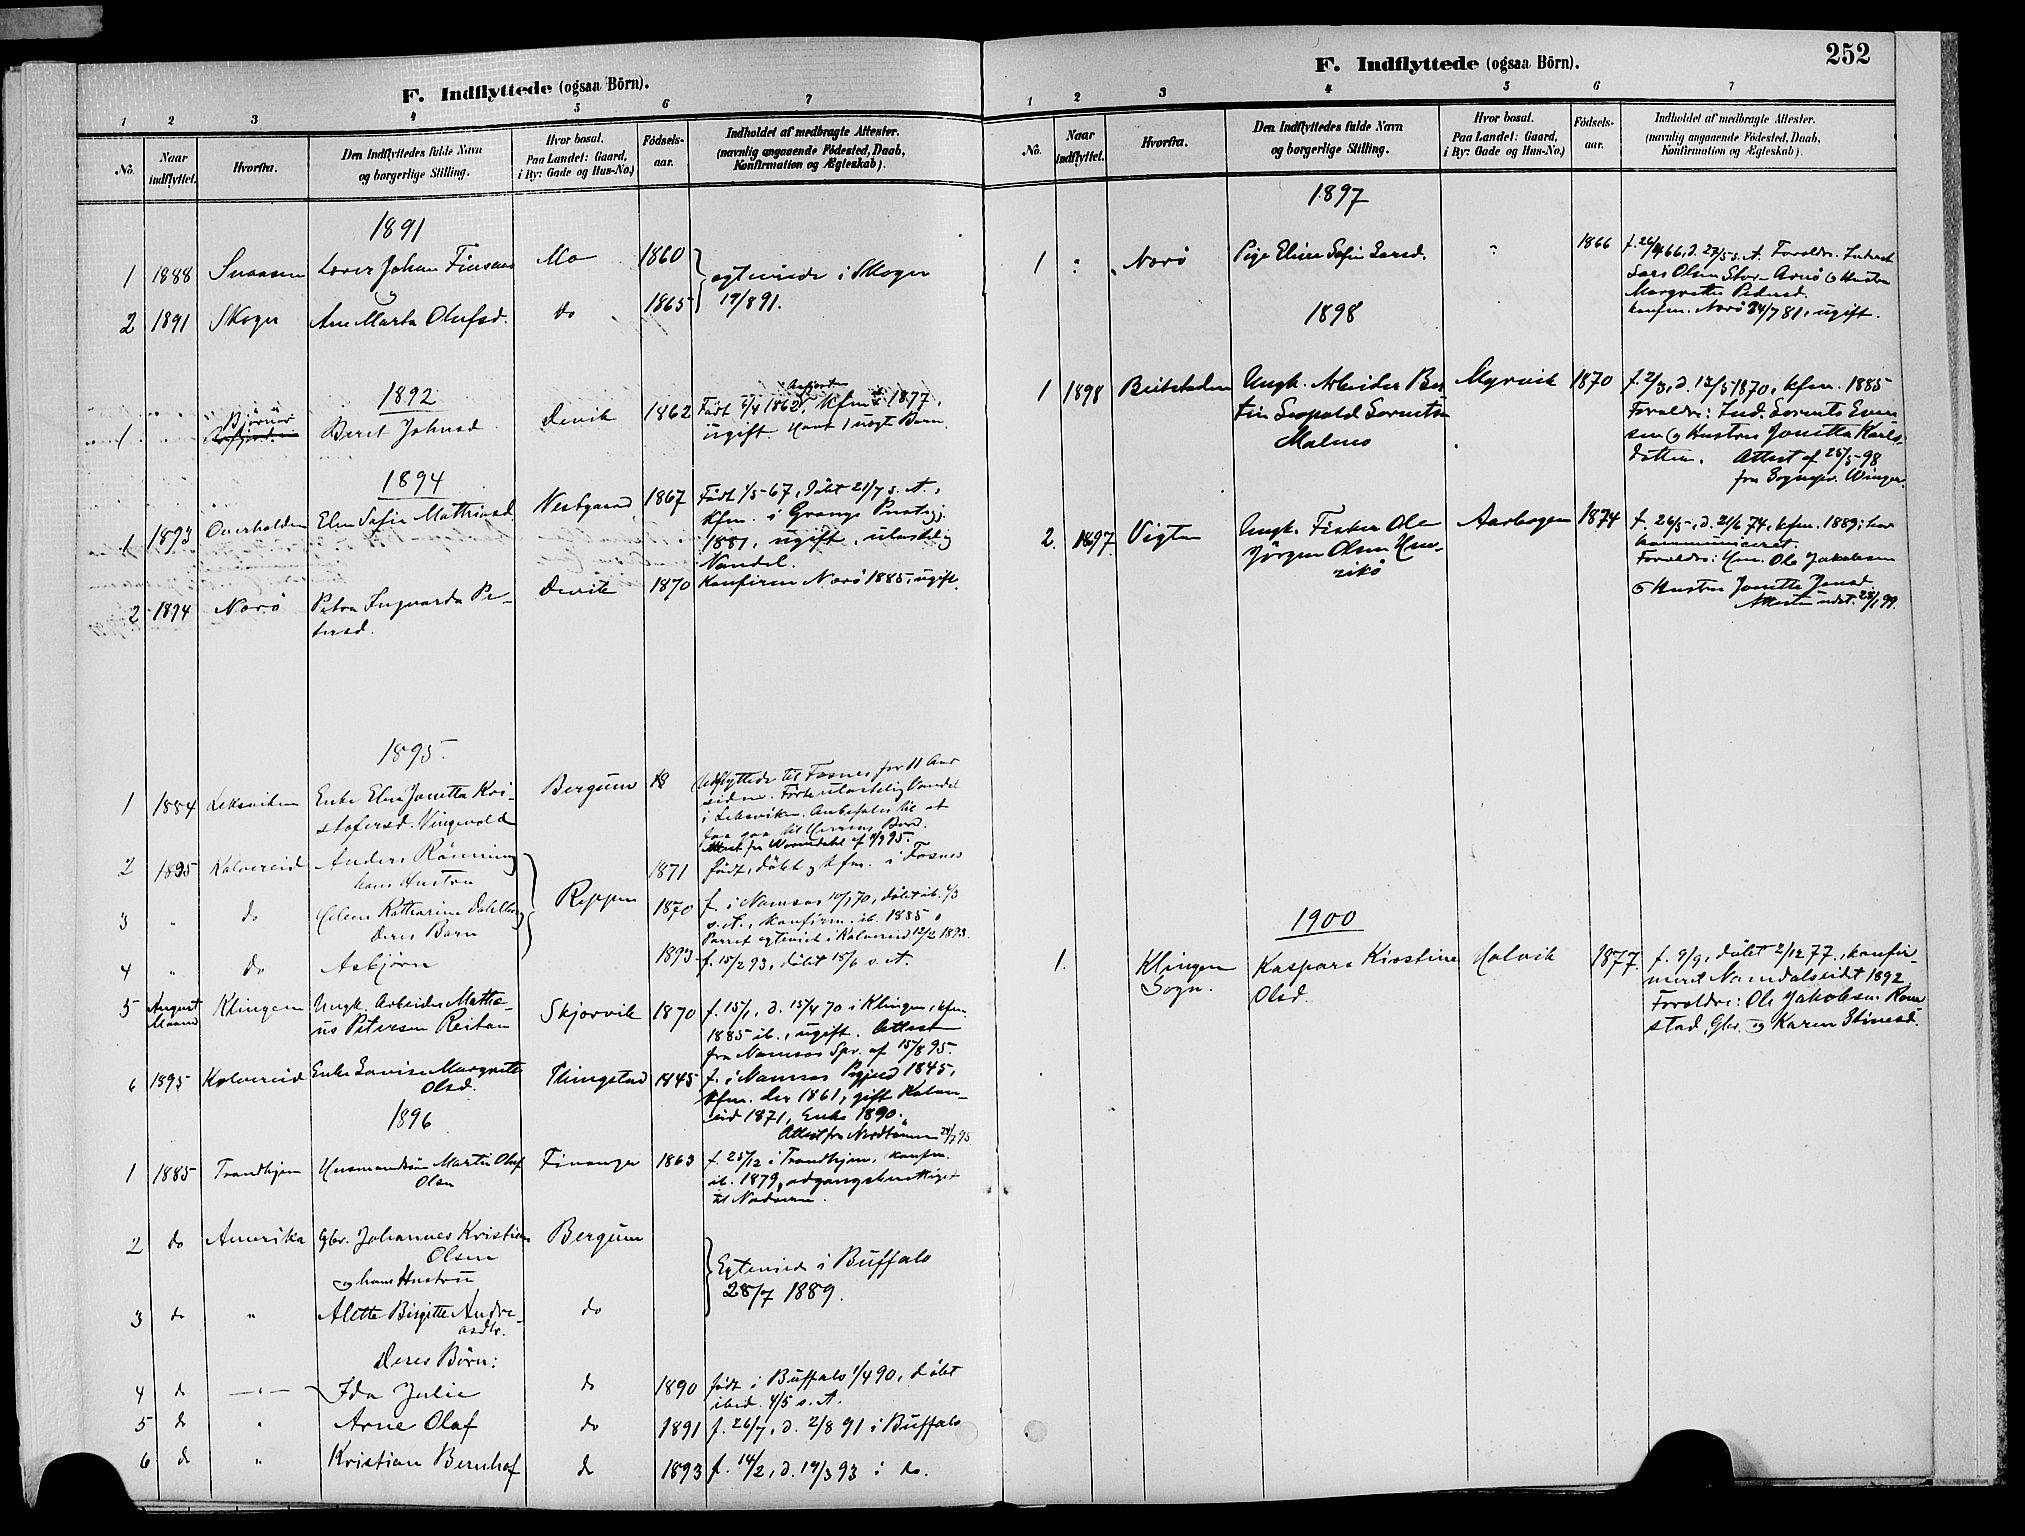 SAT, Ministerialprotokoller, klokkerbøker og fødselsregistre - Nord-Trøndelag, 773/L0617: Ministerialbok nr. 773A08, 1887-1910, s. 252